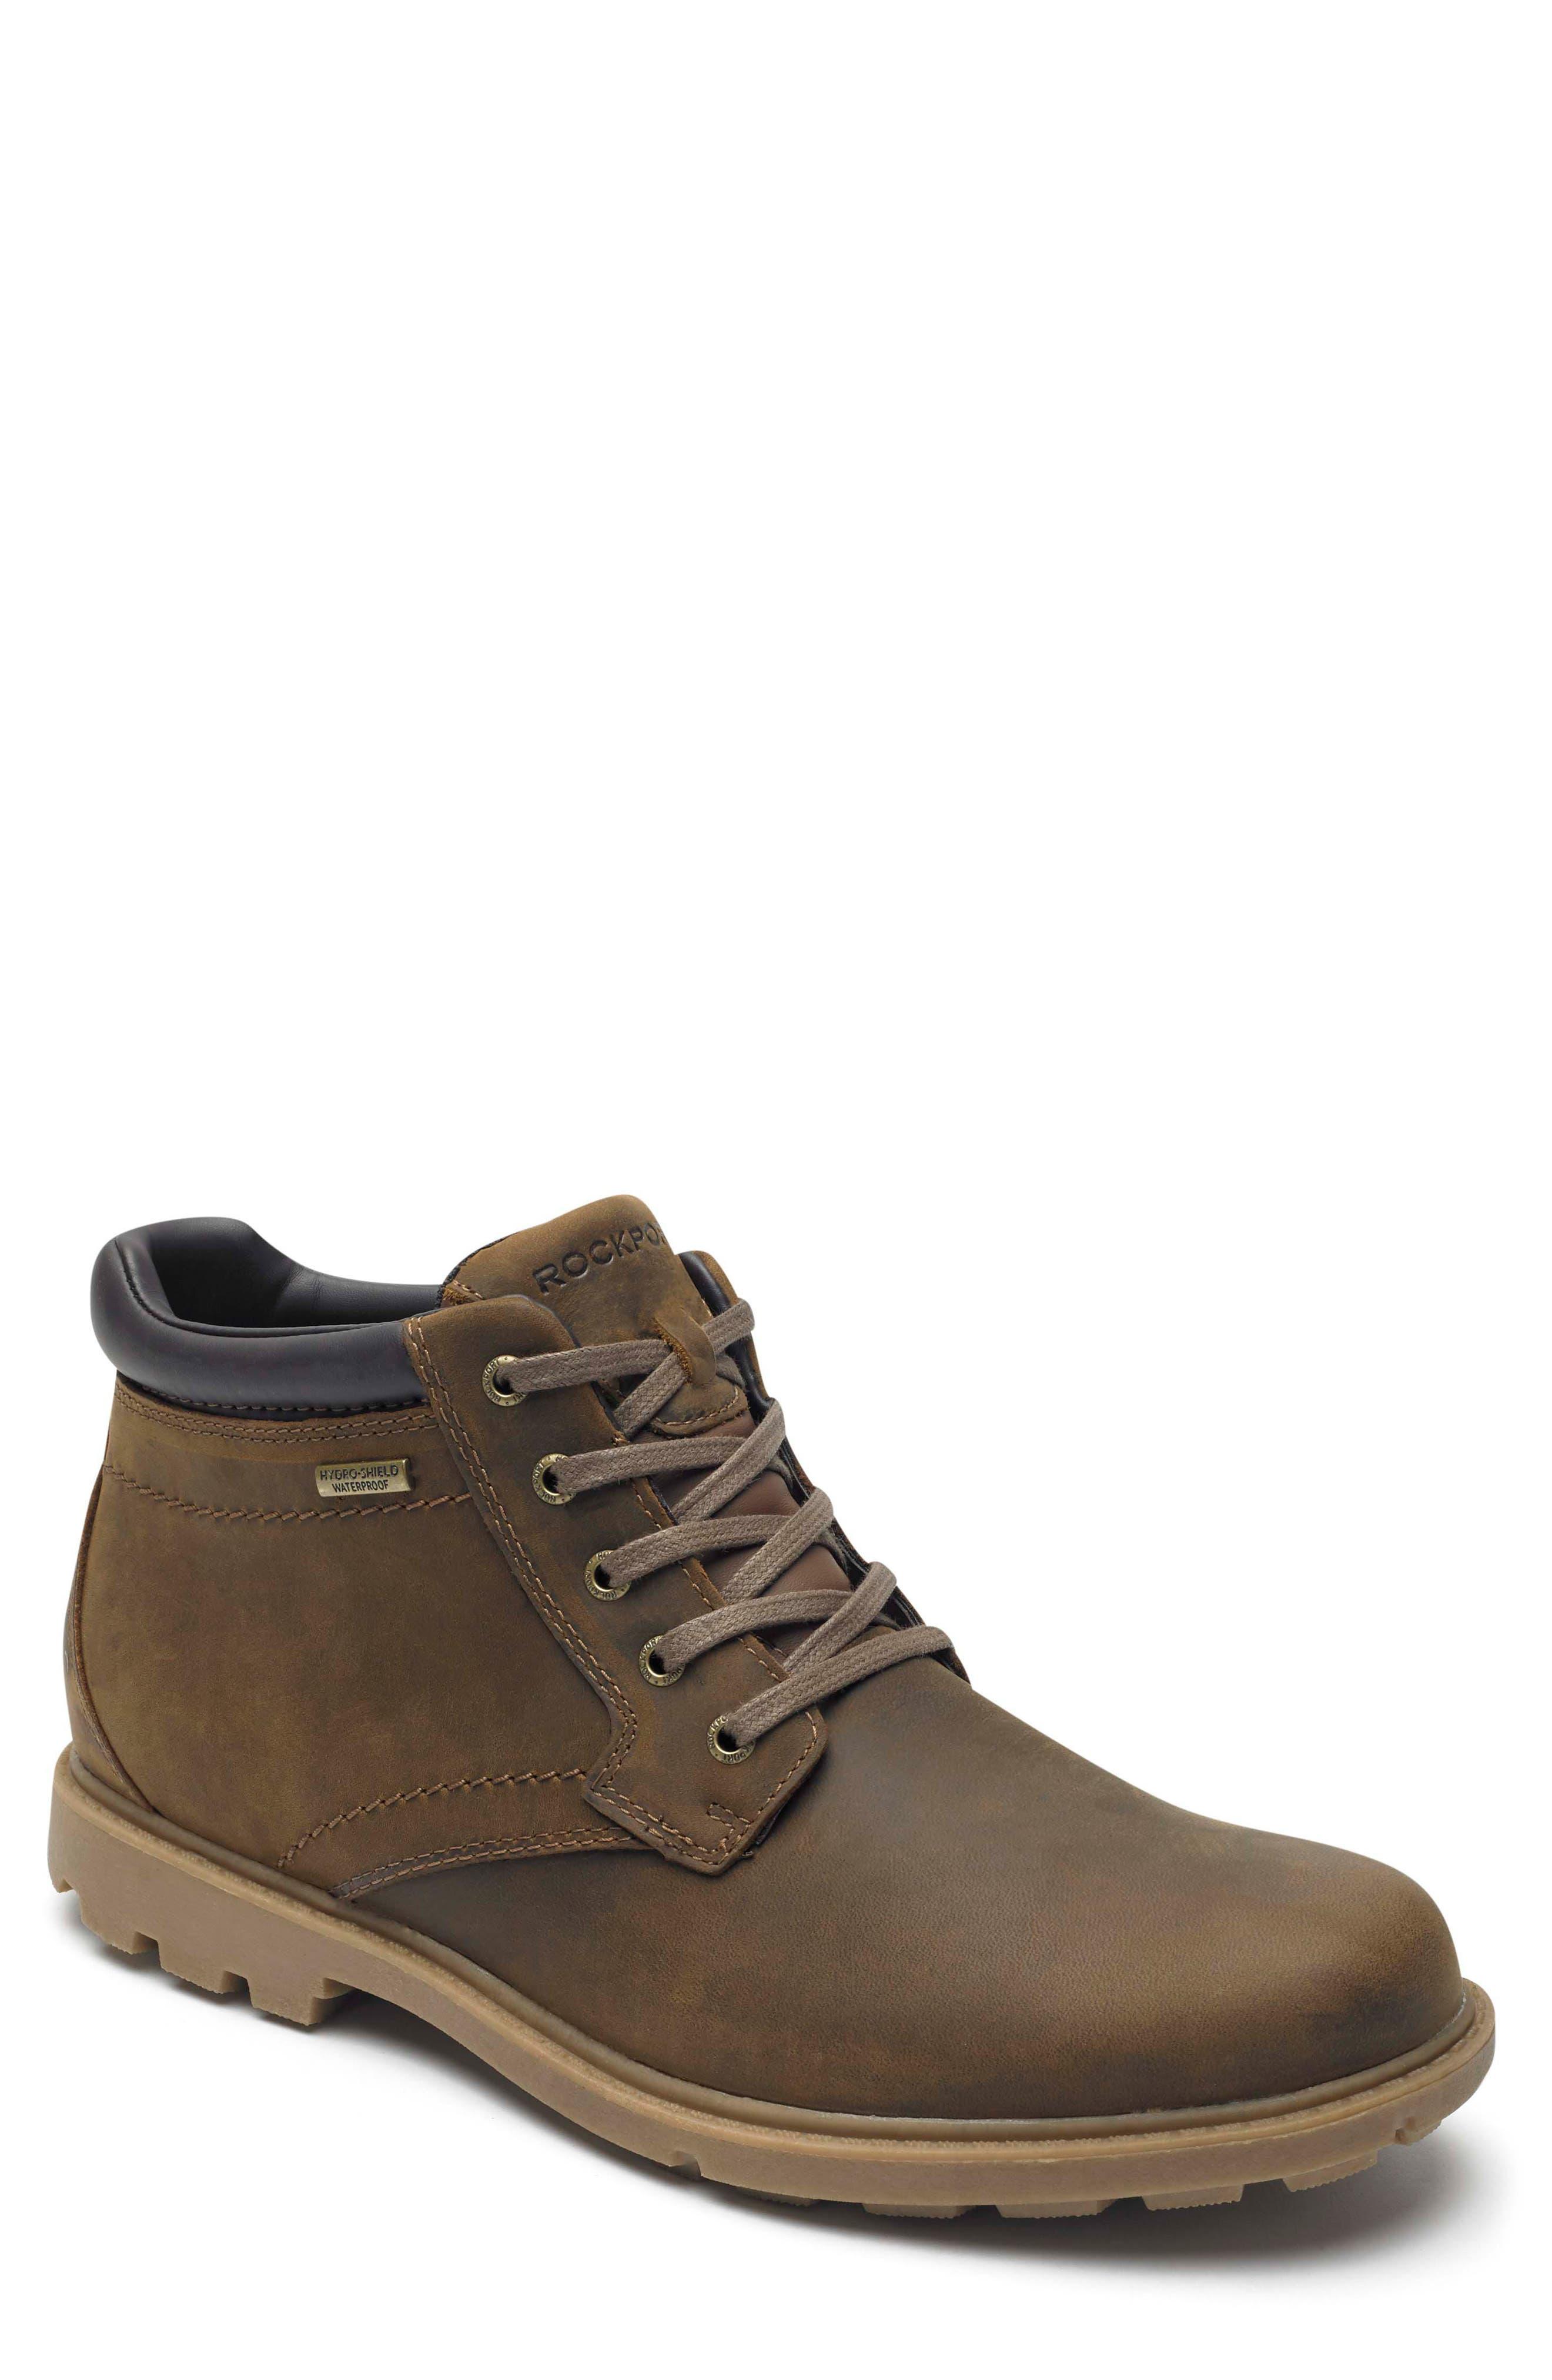 Rockport Boston Waterproof Boot, Brown